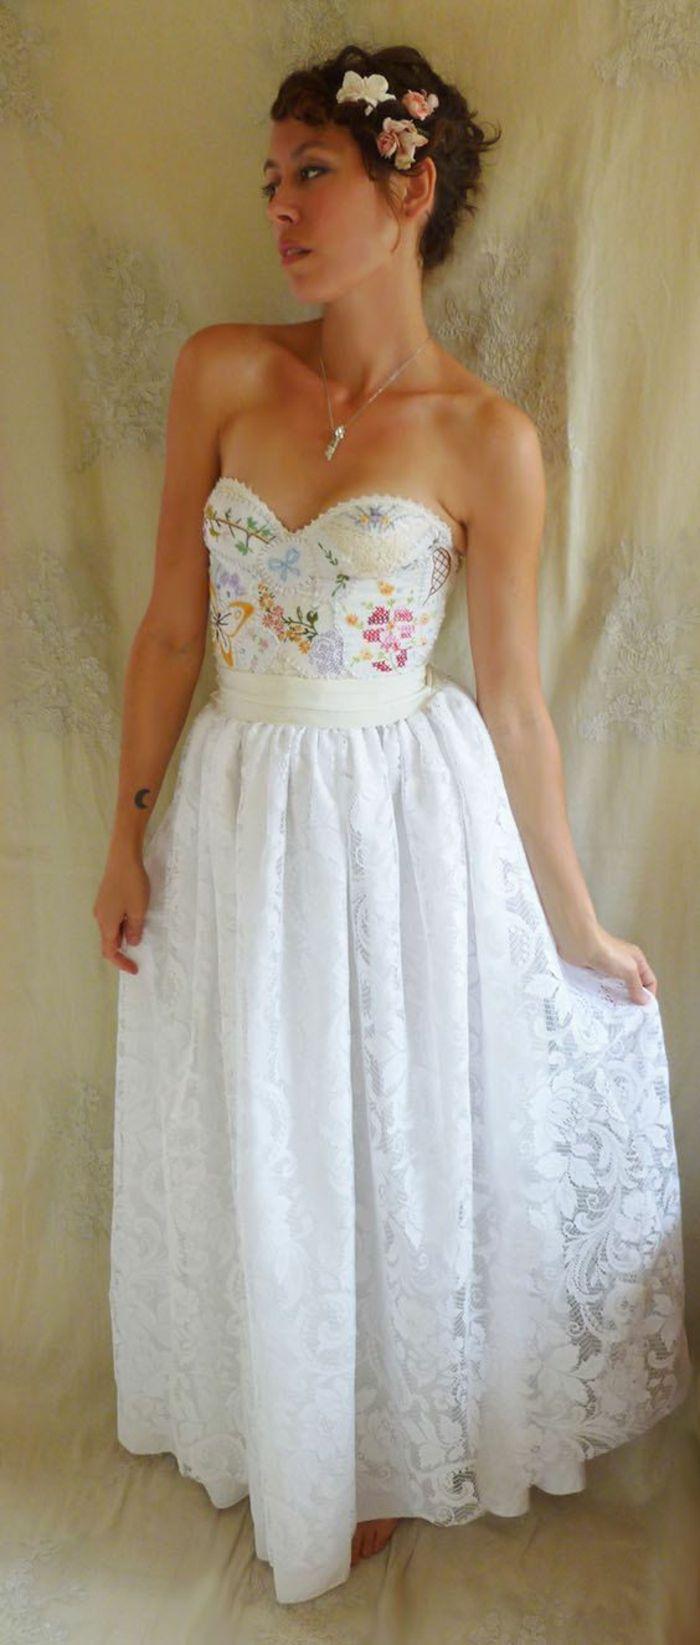 ▷ Hochzeitskleider - ungewöhnliche Öko-Brautkleider | The big day ...